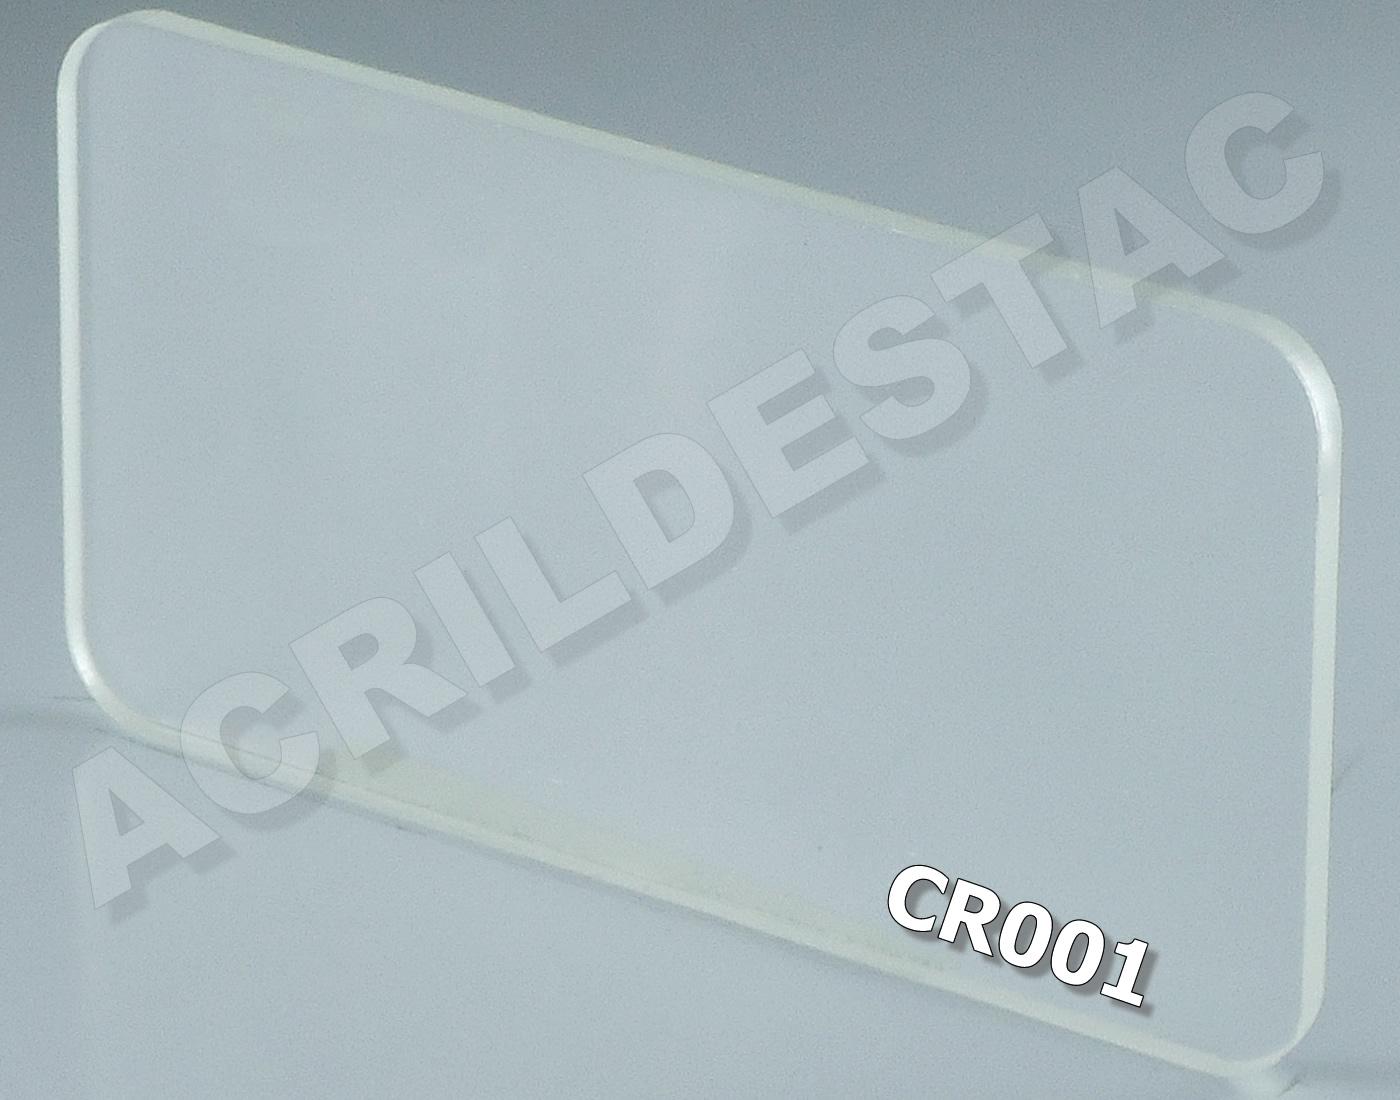 0.50 x 0.50 - 2mm - CRISTAL Transparente PL-CR001 -